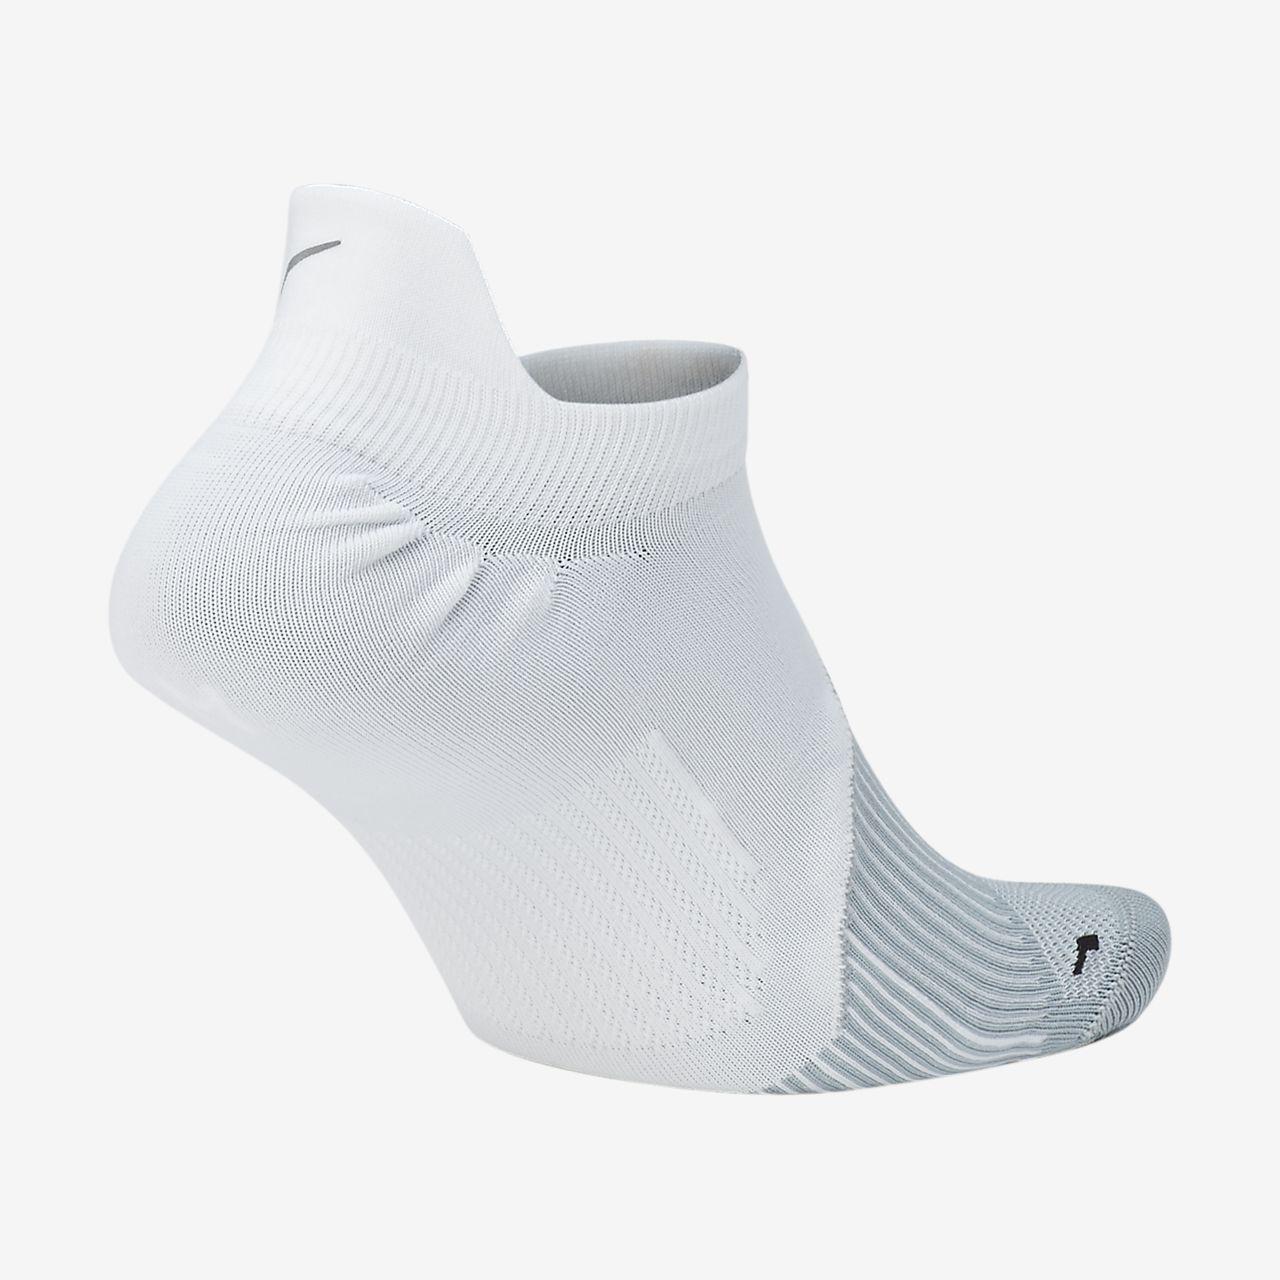 Κάλτσες για τρέξιμο Nike Elite Lightweight No-Show